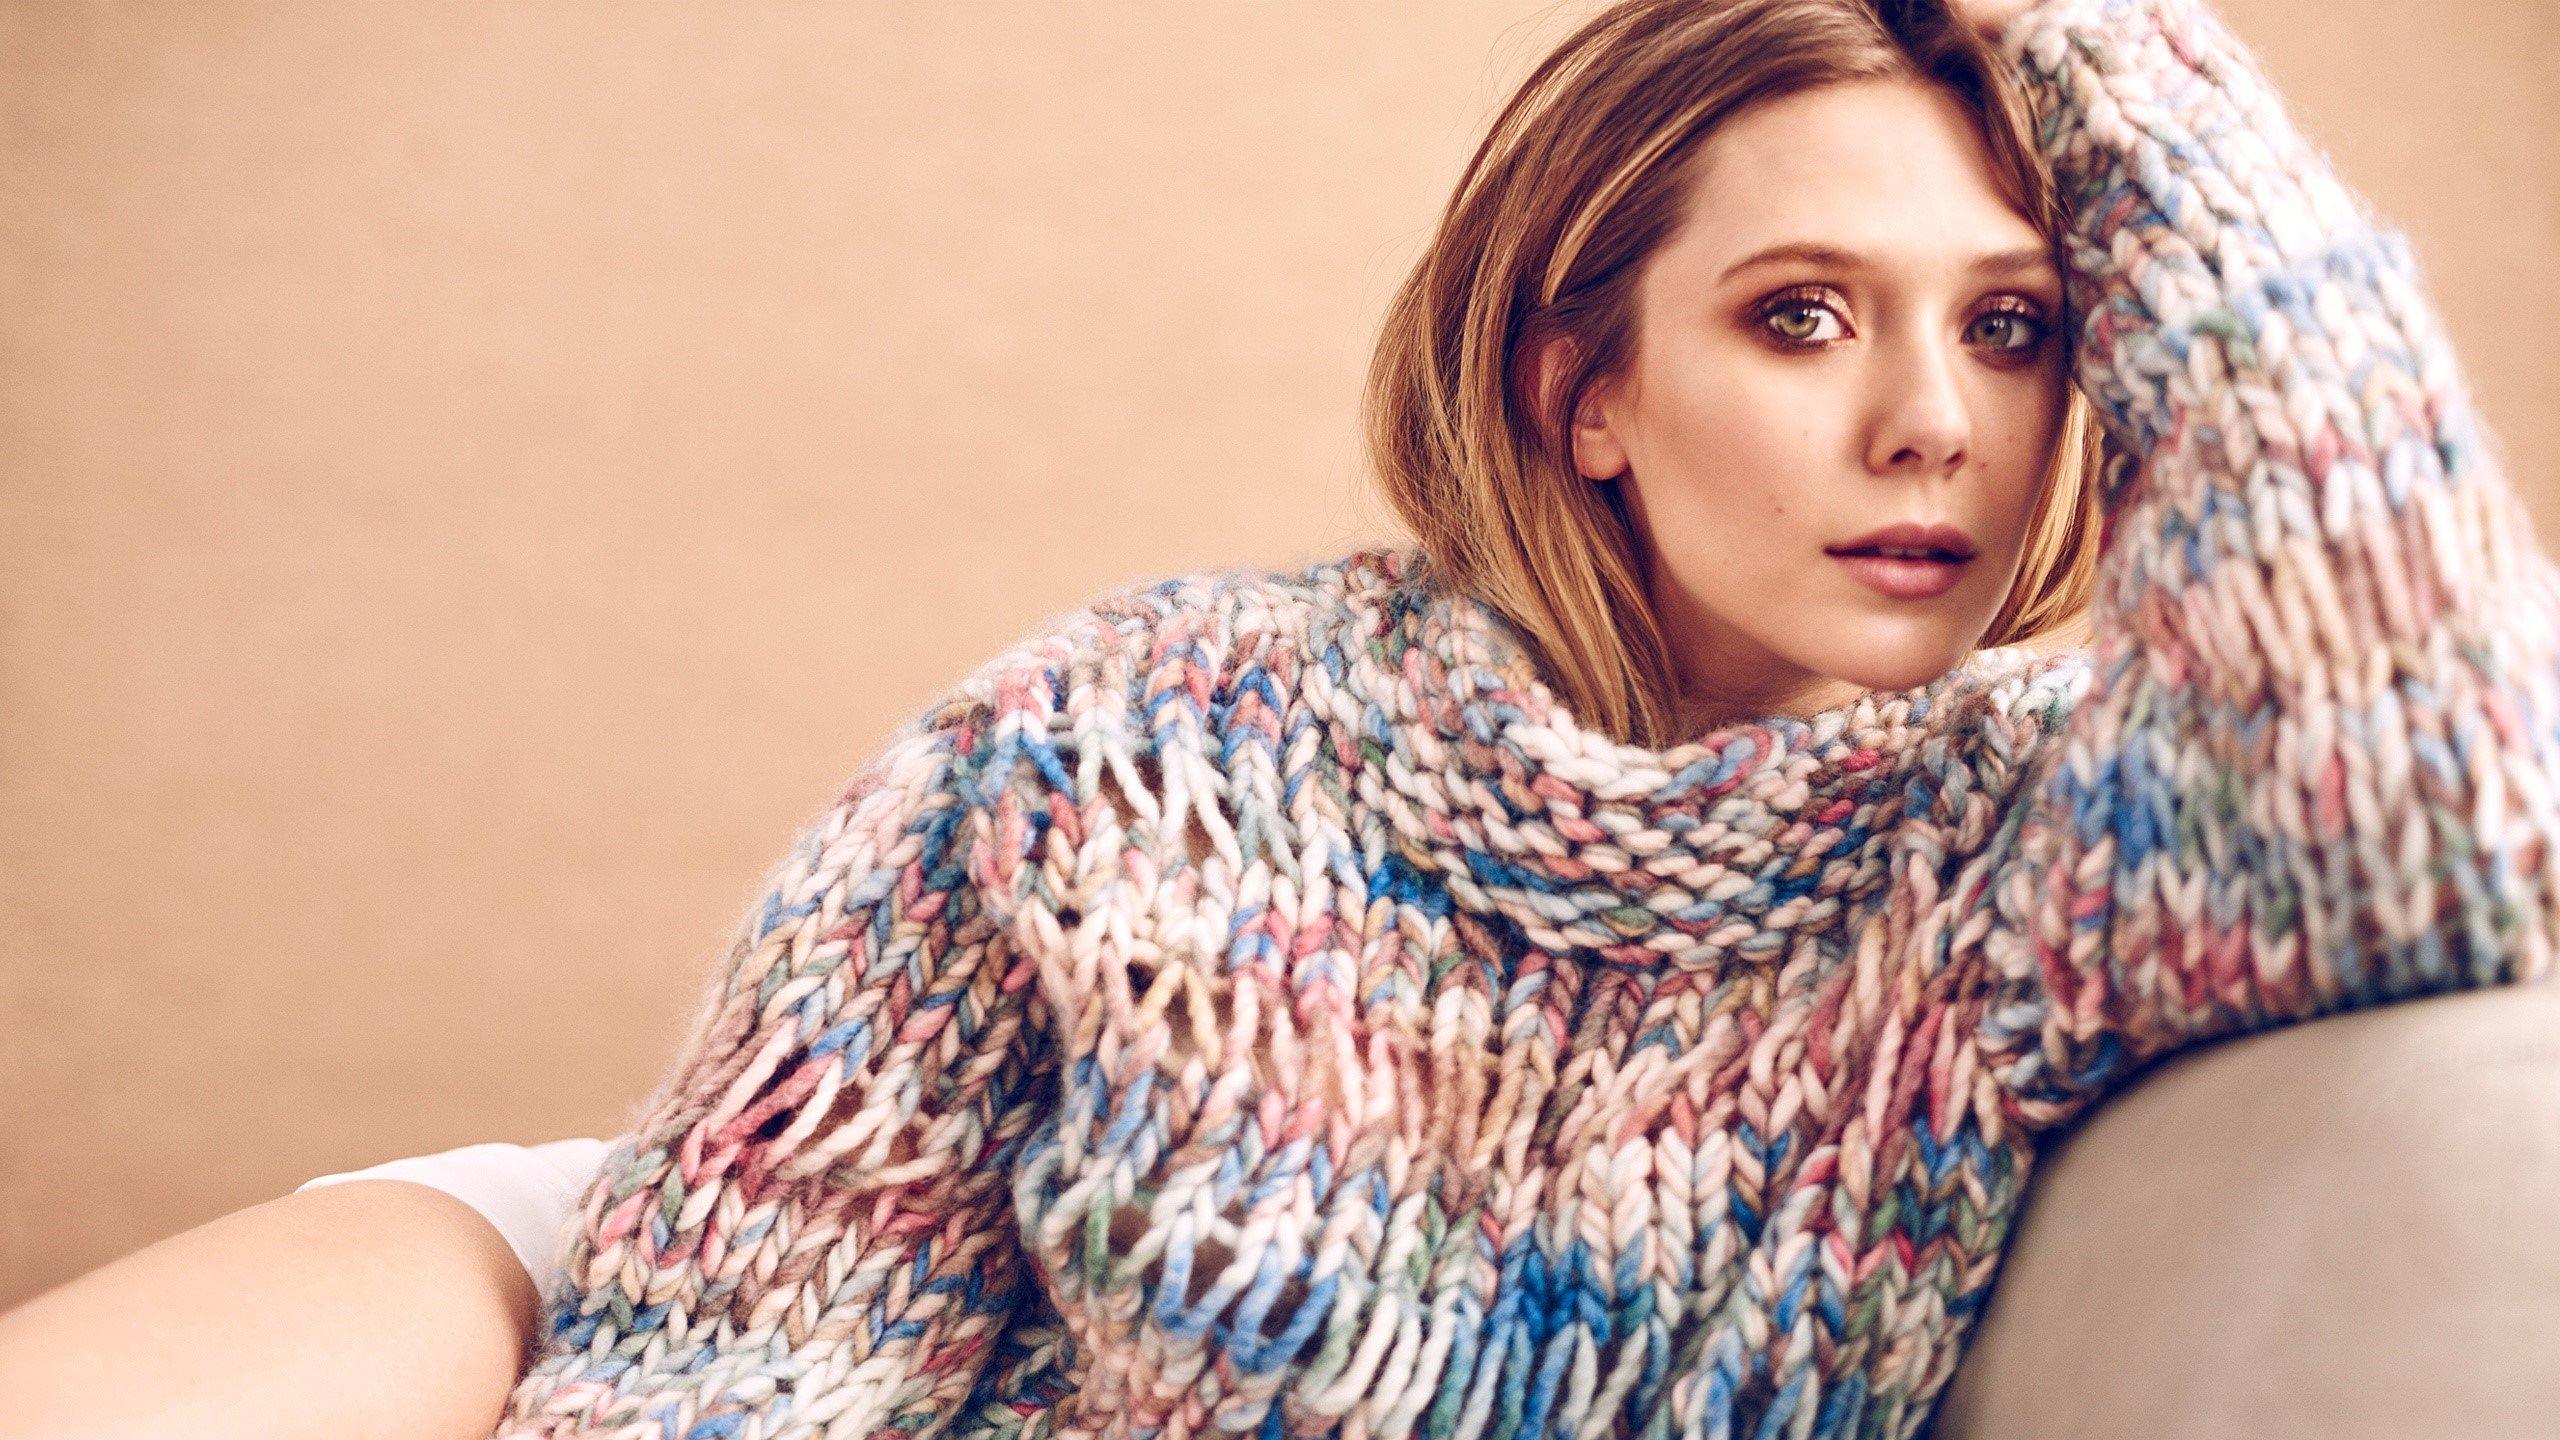 Fondo de pantalla de Actriz Elizabeth Olsen Imágenes